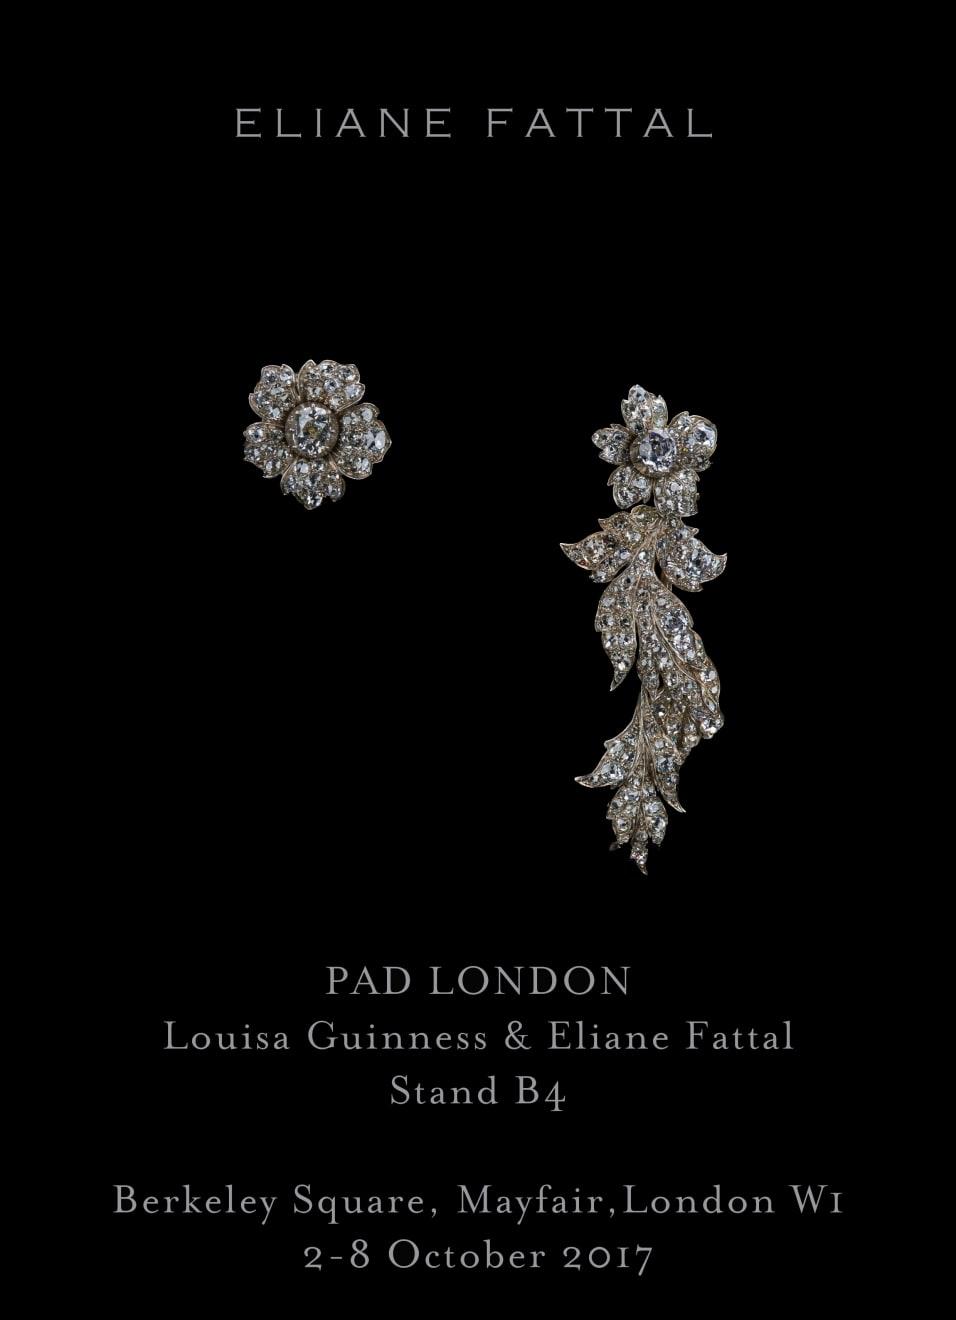 PAD LONDON 2017